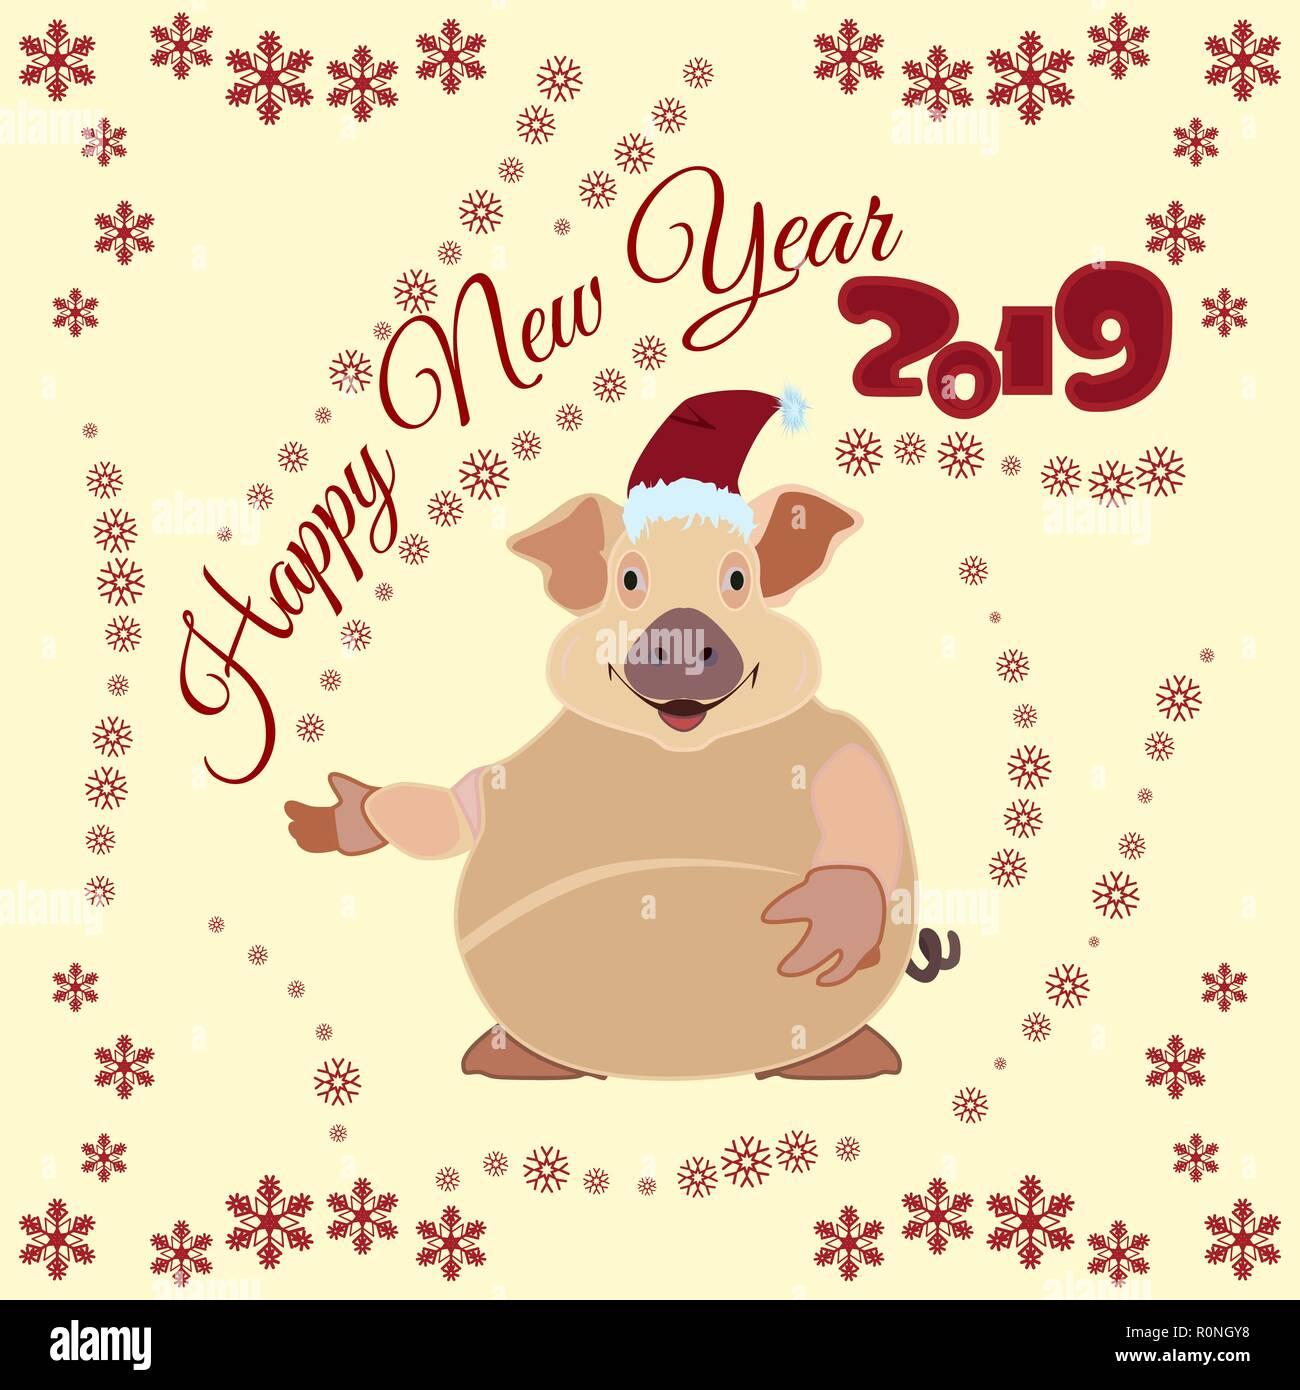 Chinesisches Neues Jahr Poster, Grußkarten mit Erde Schwein Vektor ...